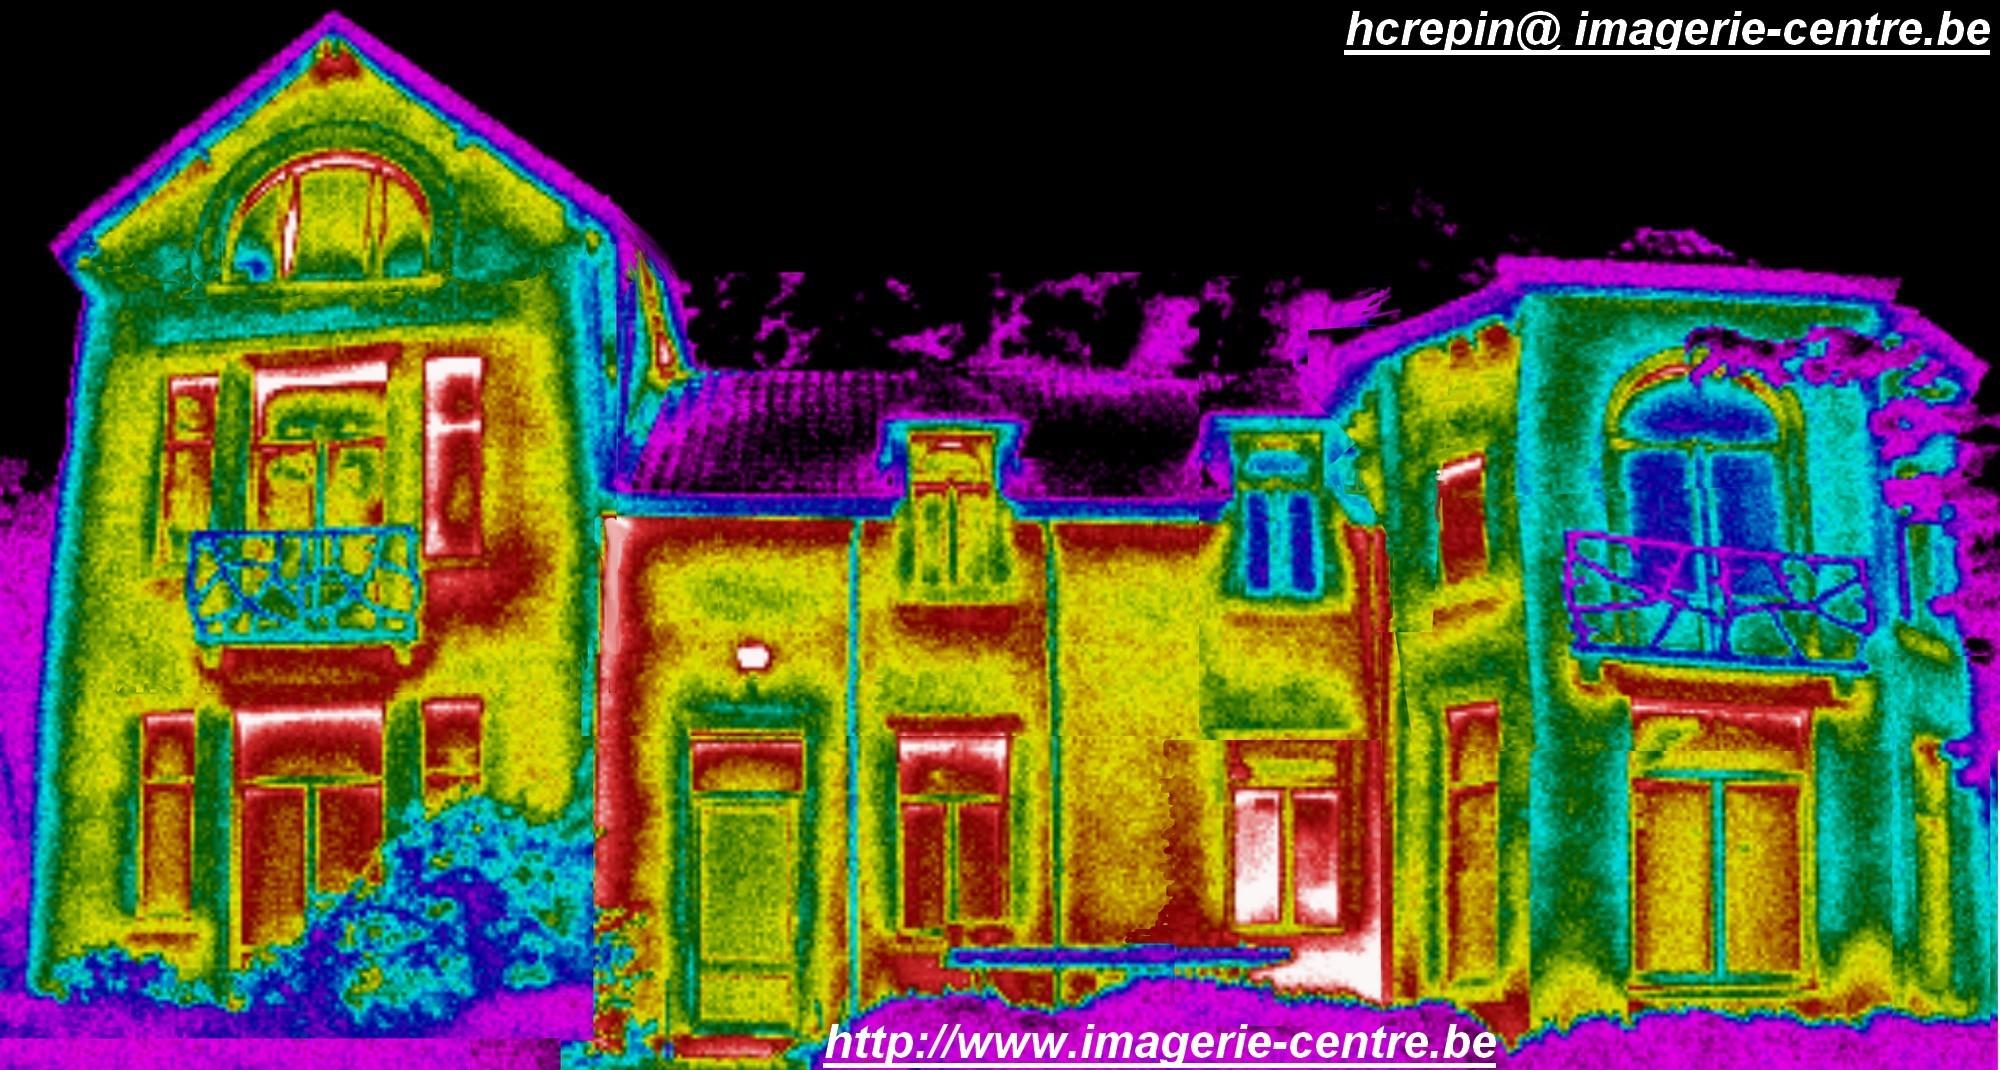 Thermographie d'une maison en Brabant, Wallonnie, Belgique